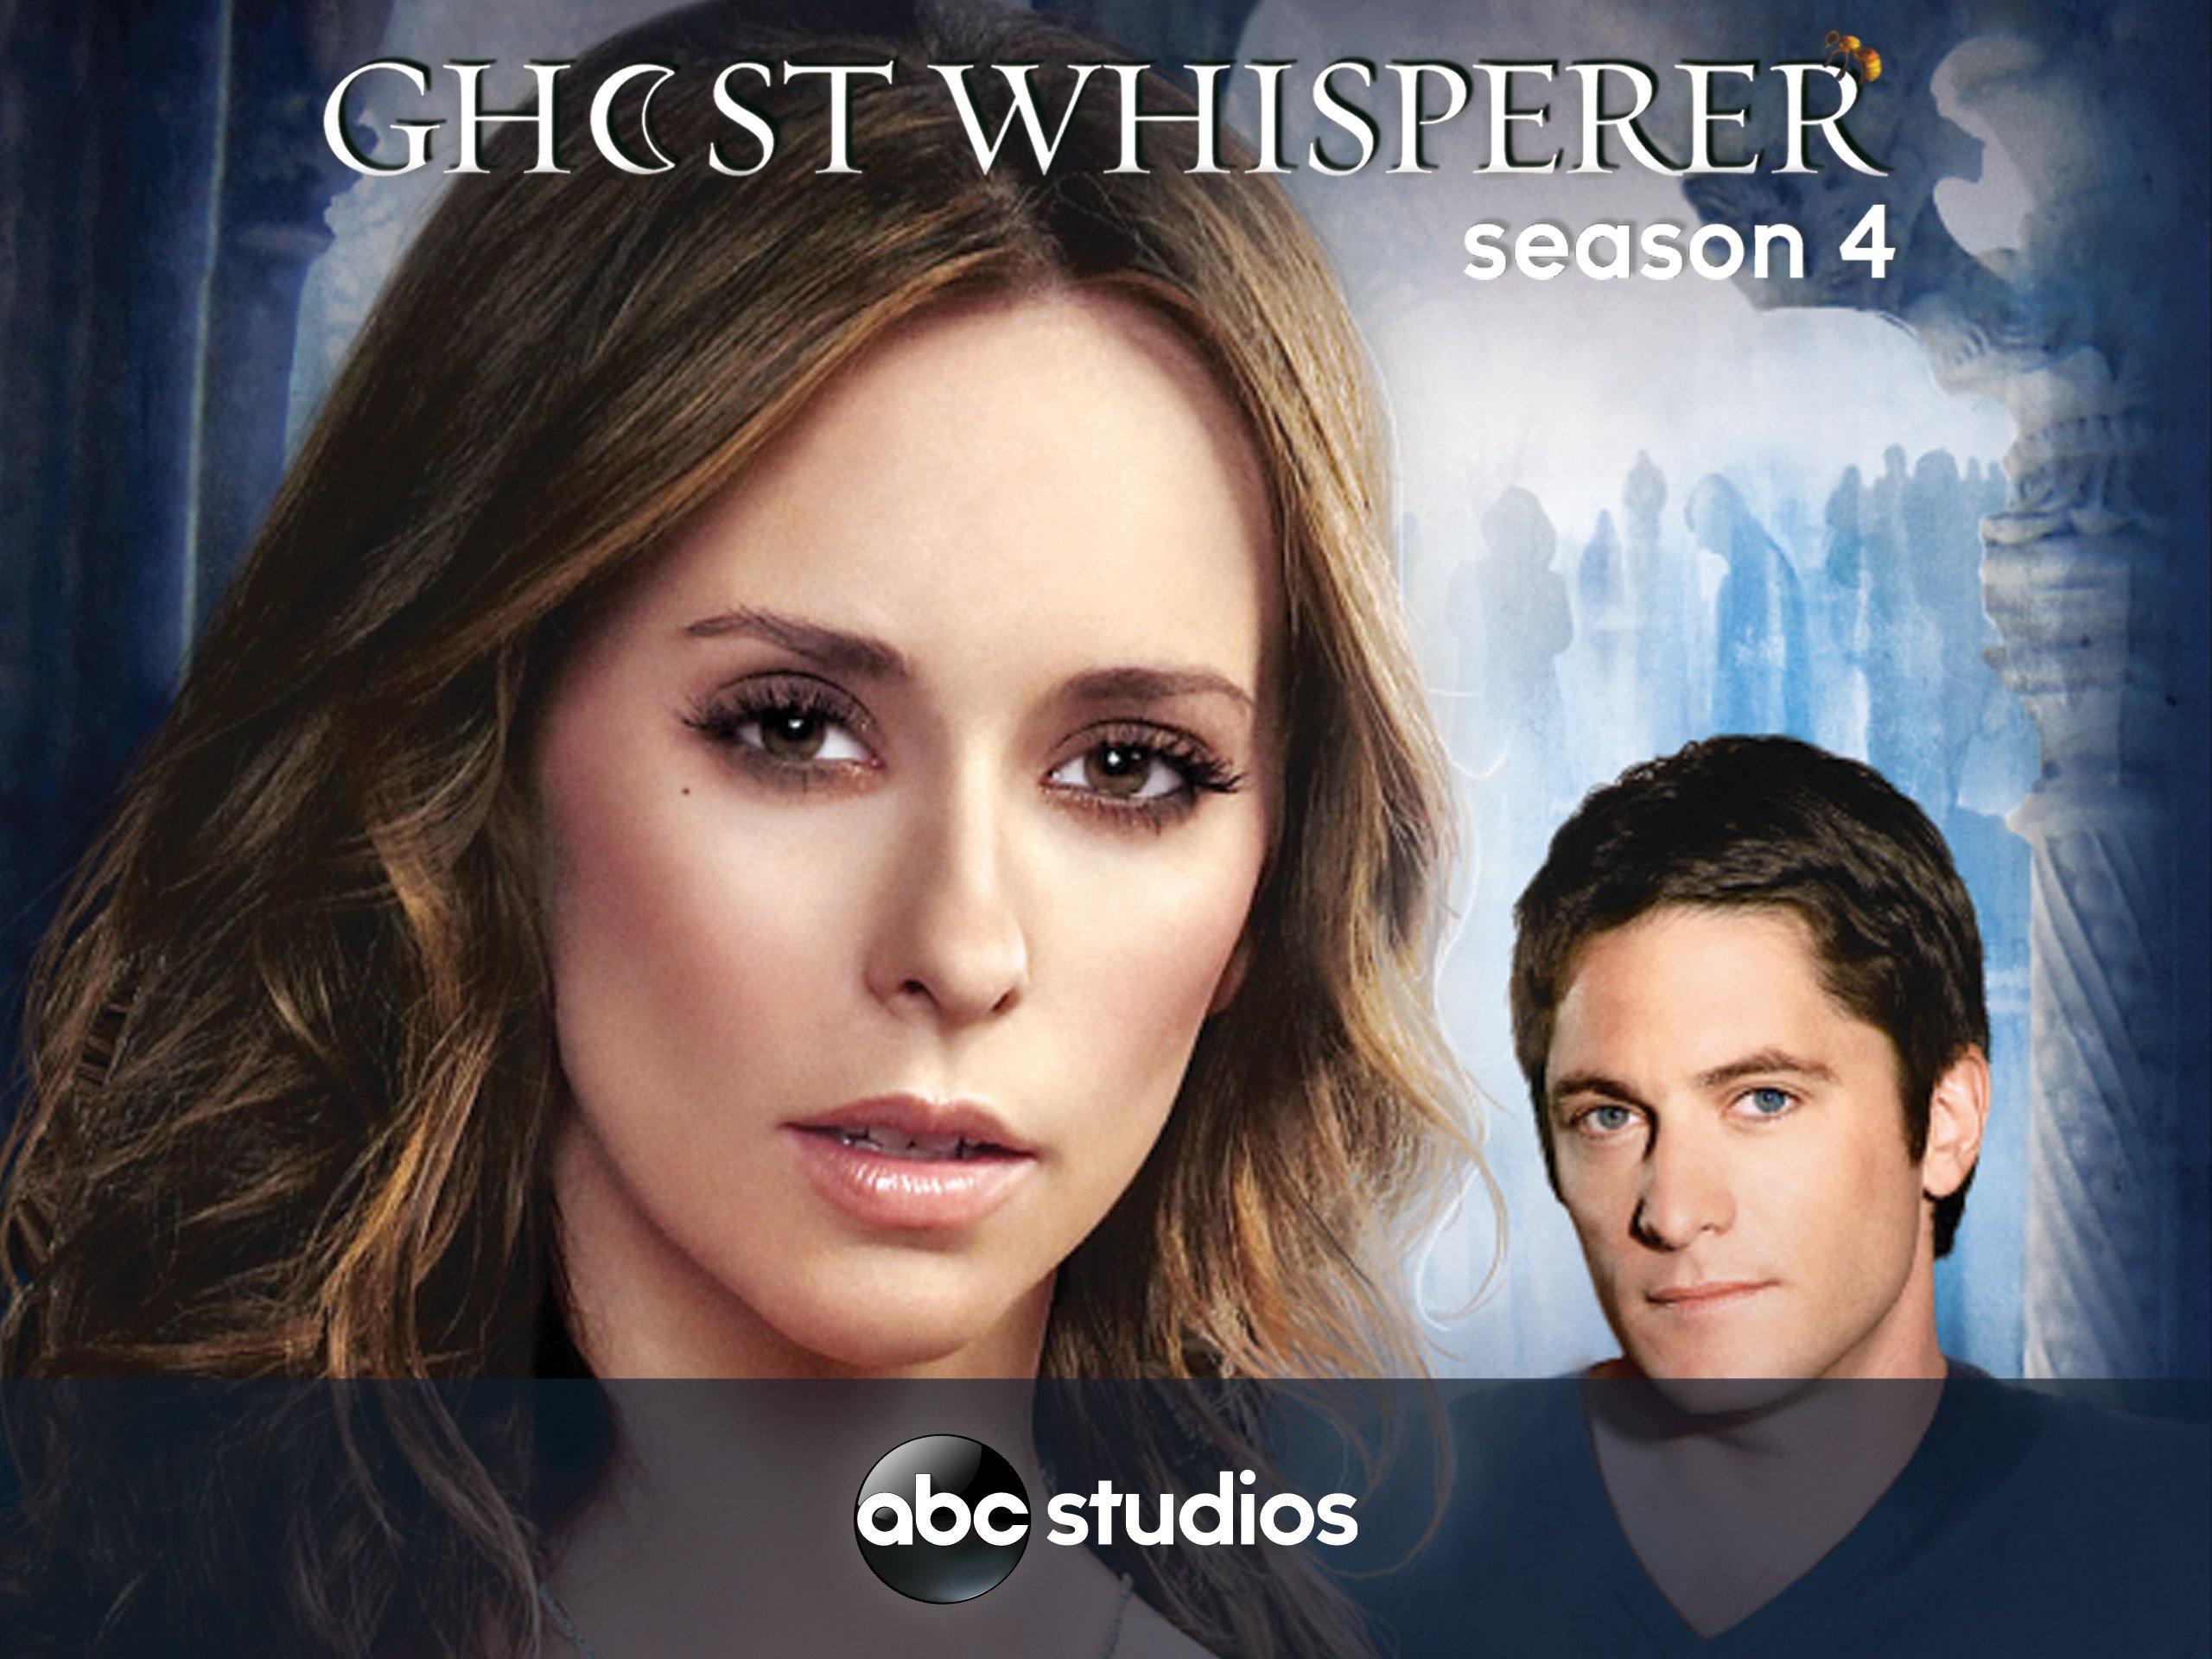 ghost whisperer season 5 episode 21 cast